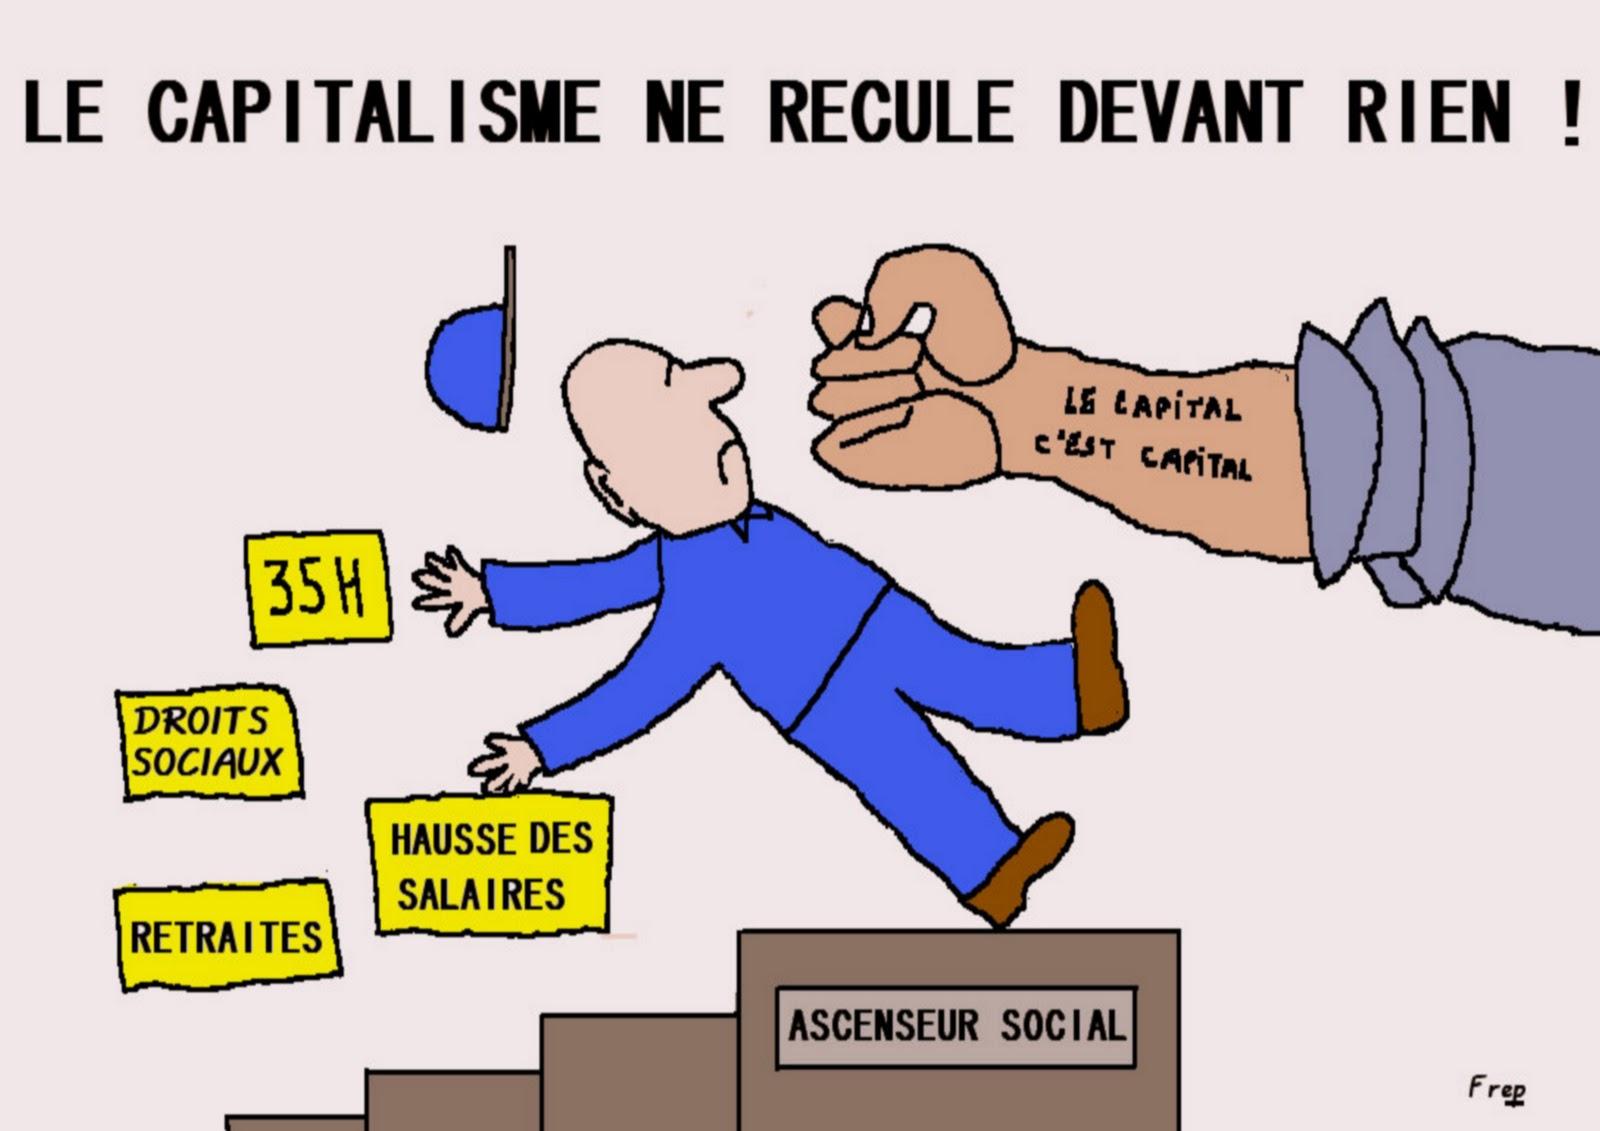 Travailler moins pour gagner plus dans emploi Le_capitalisme_ne_recule_A4c